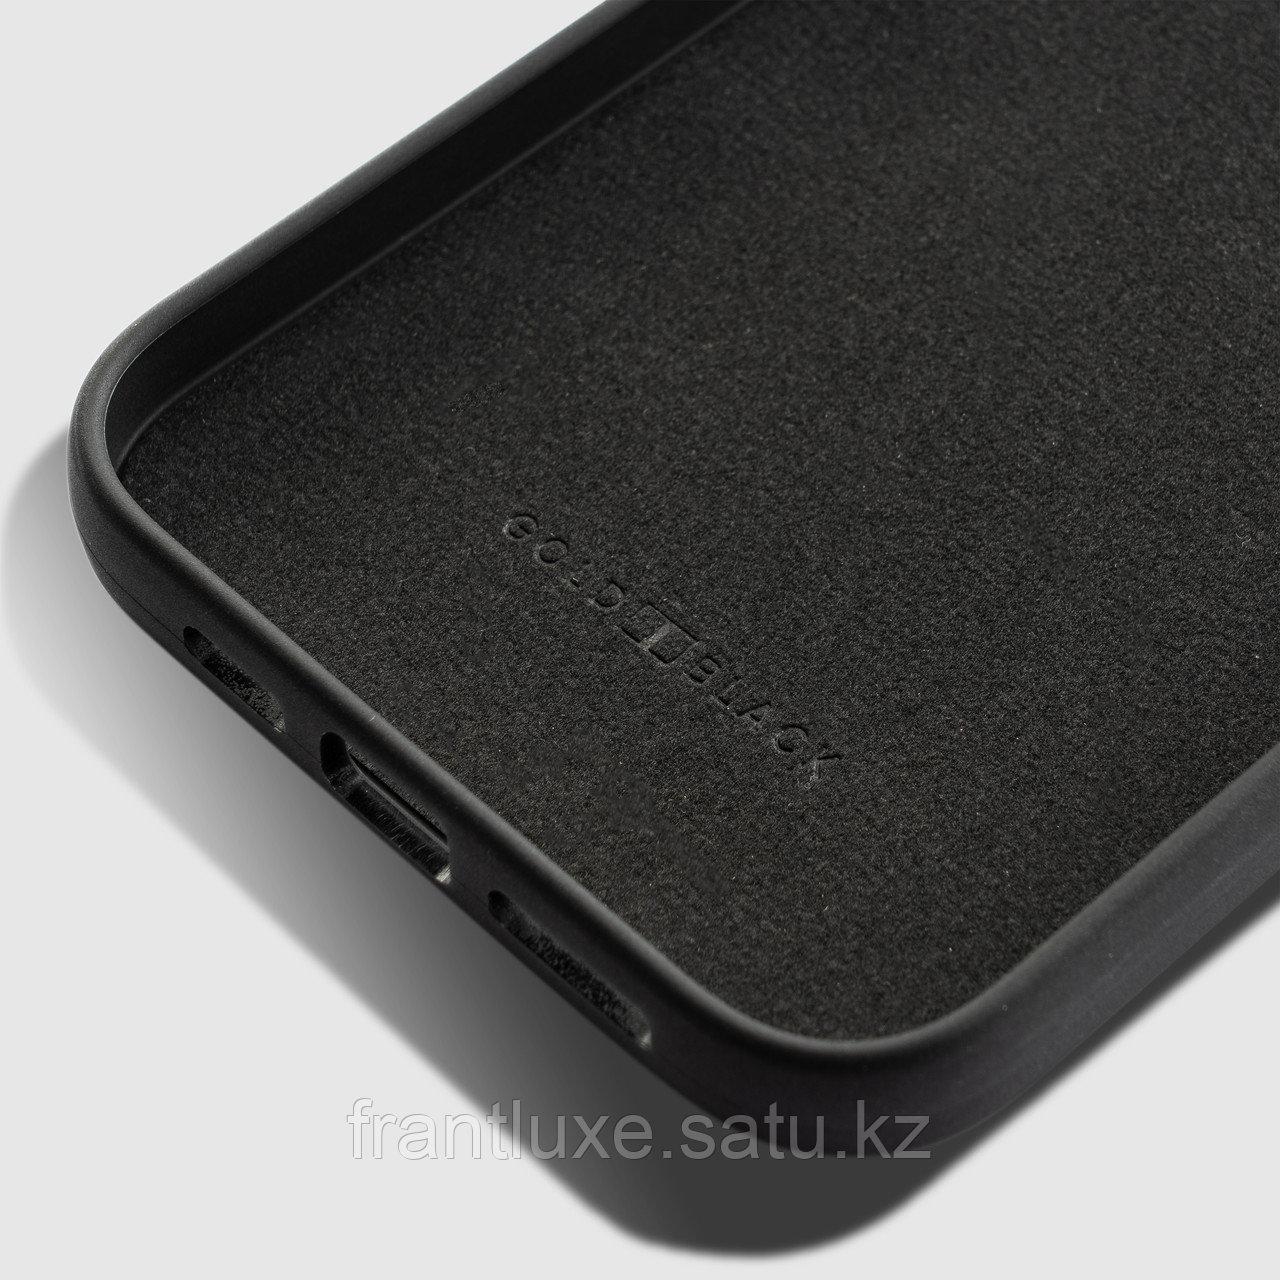 Чехол для телефона iPhone 12/12 Pro с ремешком-держателем Nappa чёрный - фото 3